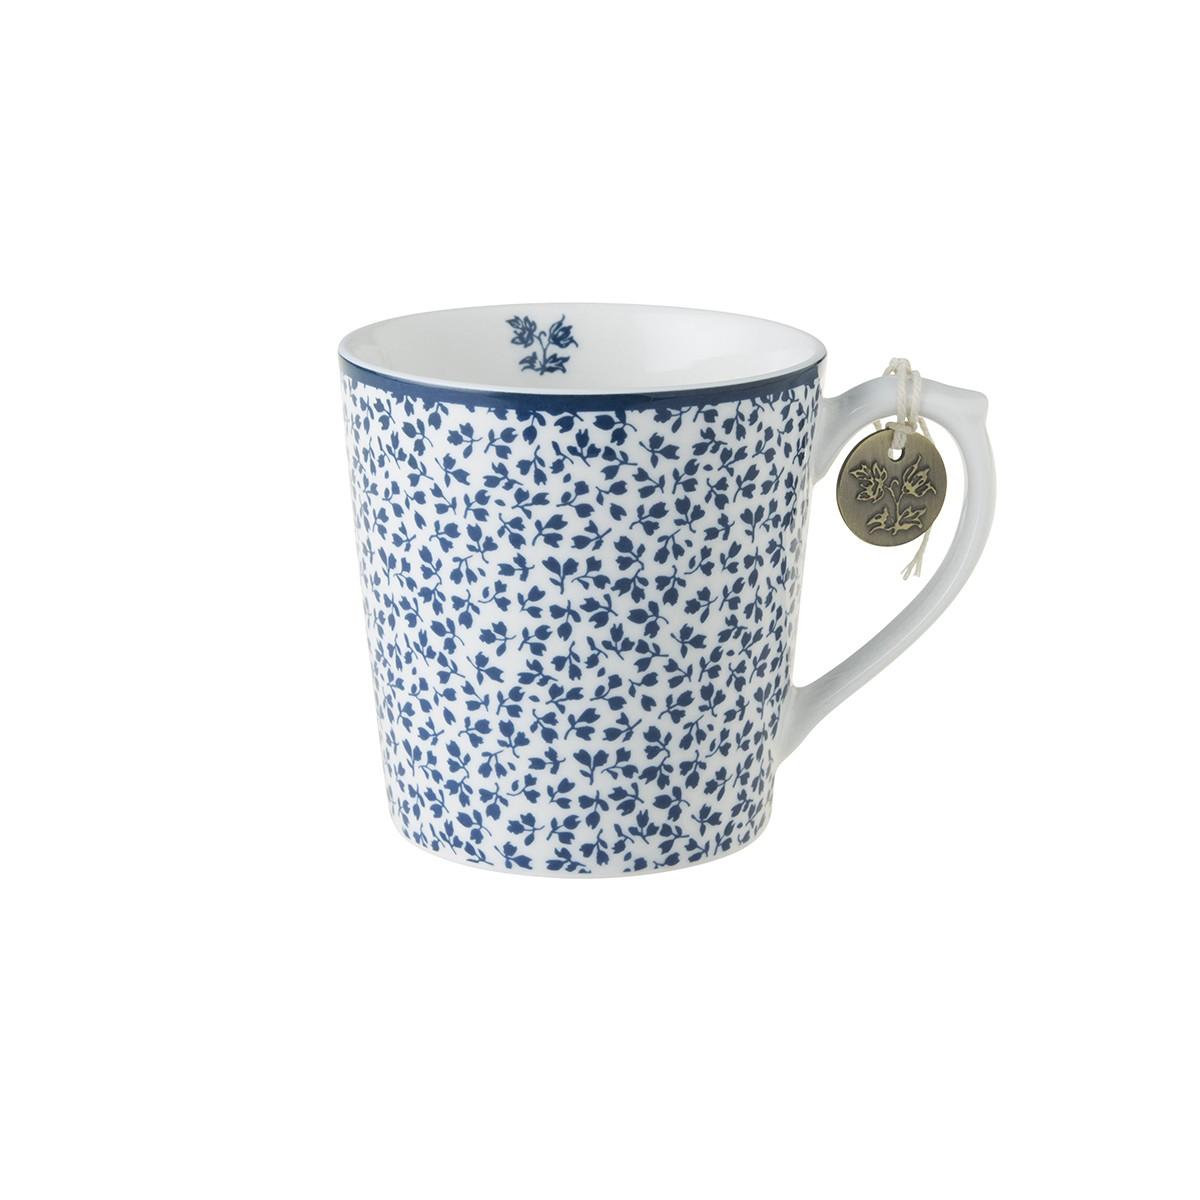 Κούπα Laura AshleyFlorisFine Bone China 320ml home   ειδη cafe τσαϊ   κούπες   φλυτζάνια